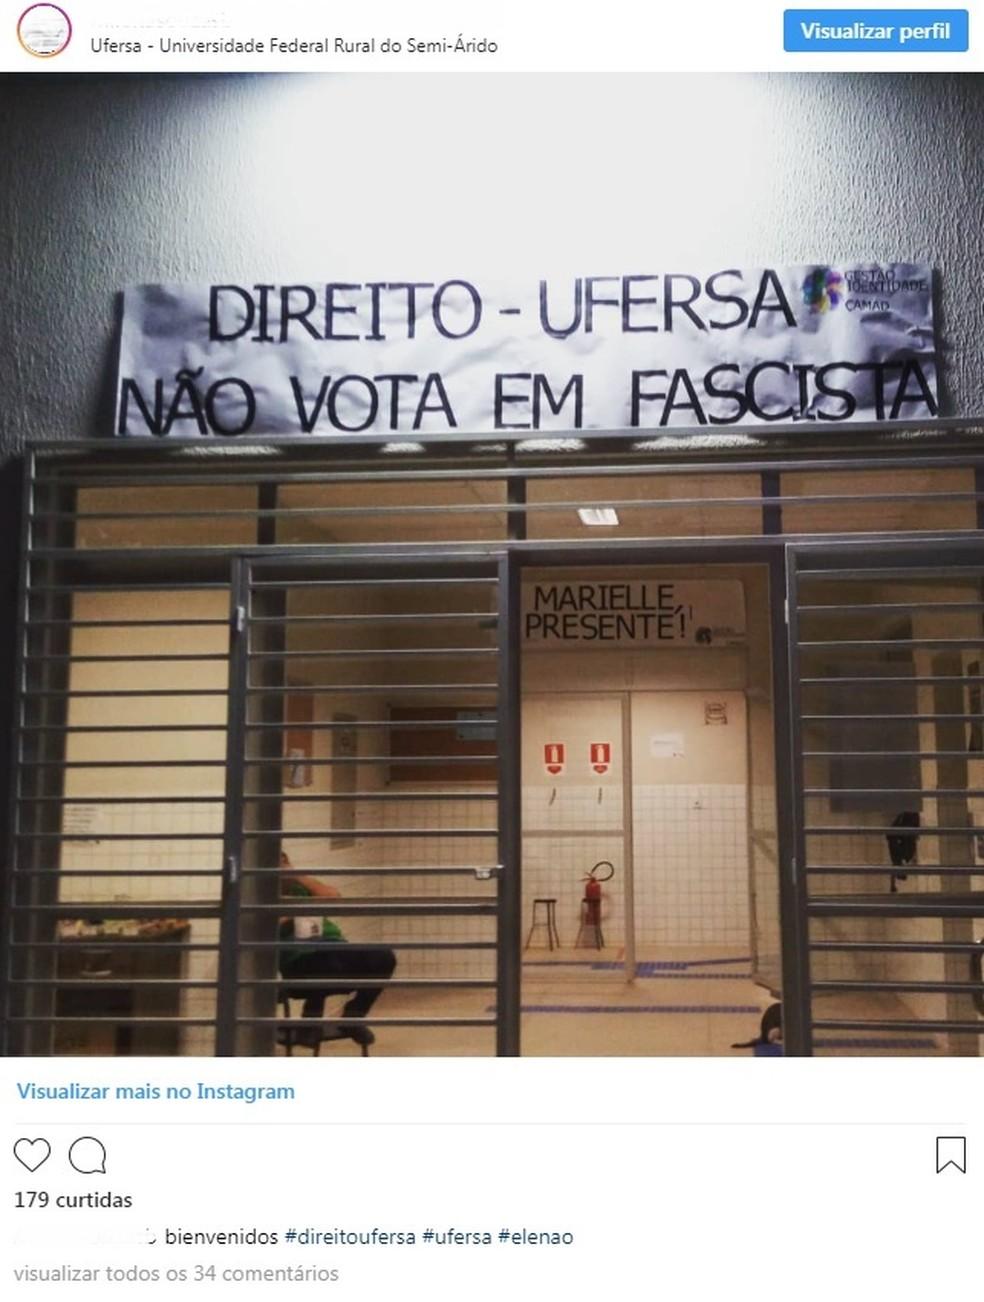 Faixa na Faculdade de Direito da Ufersa, no Rio Grande do Norte — Foto: Reprodução/Instagram